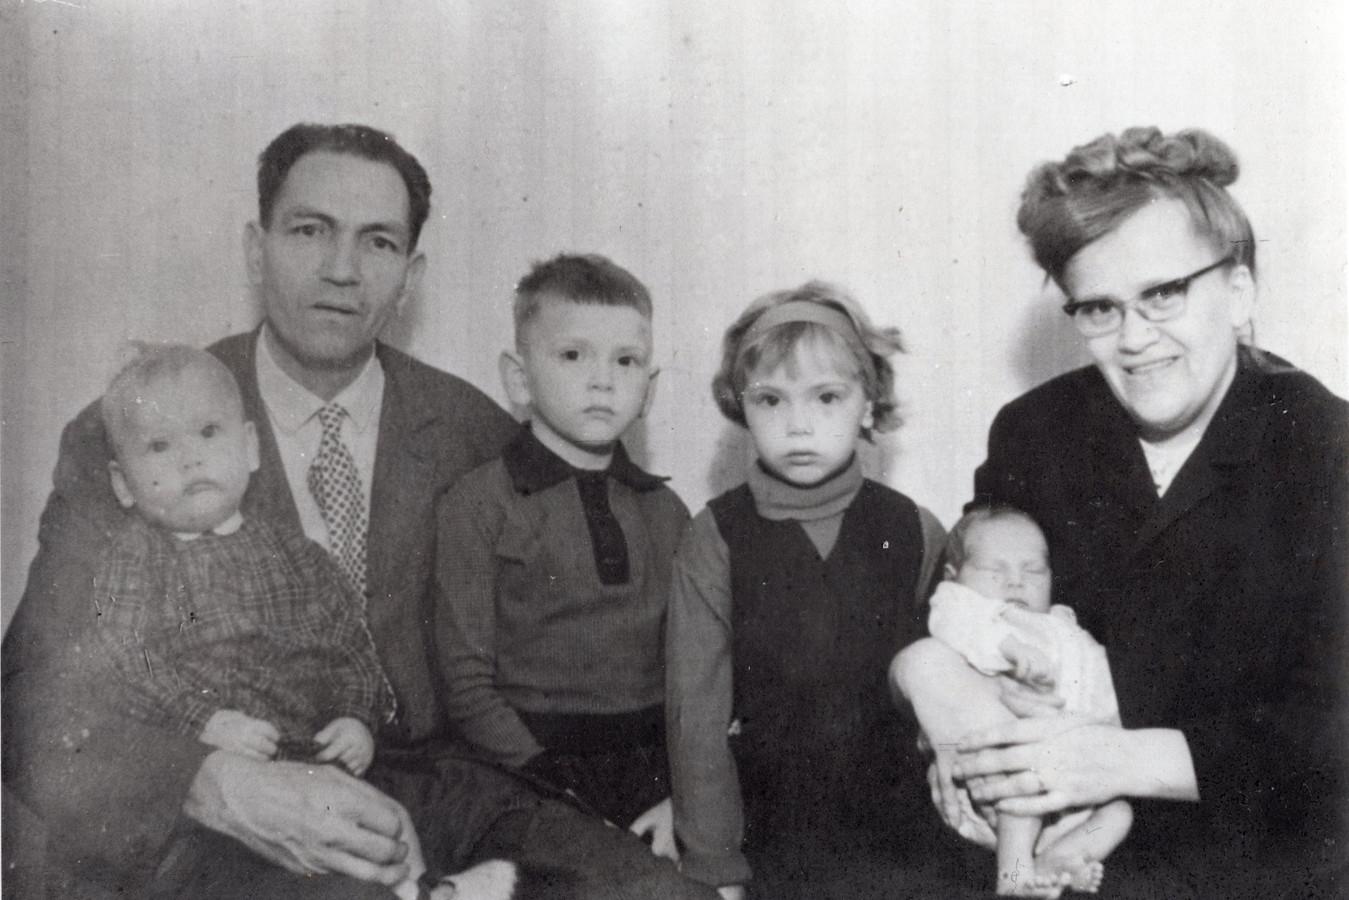 Hermanus en Wilhelmina Callaars met hun vier kinderen in 1967. De moeder en haar vier kinderen overleden op 1 juli 1971 bij een brand in de Bernhardstraat in Veghel.